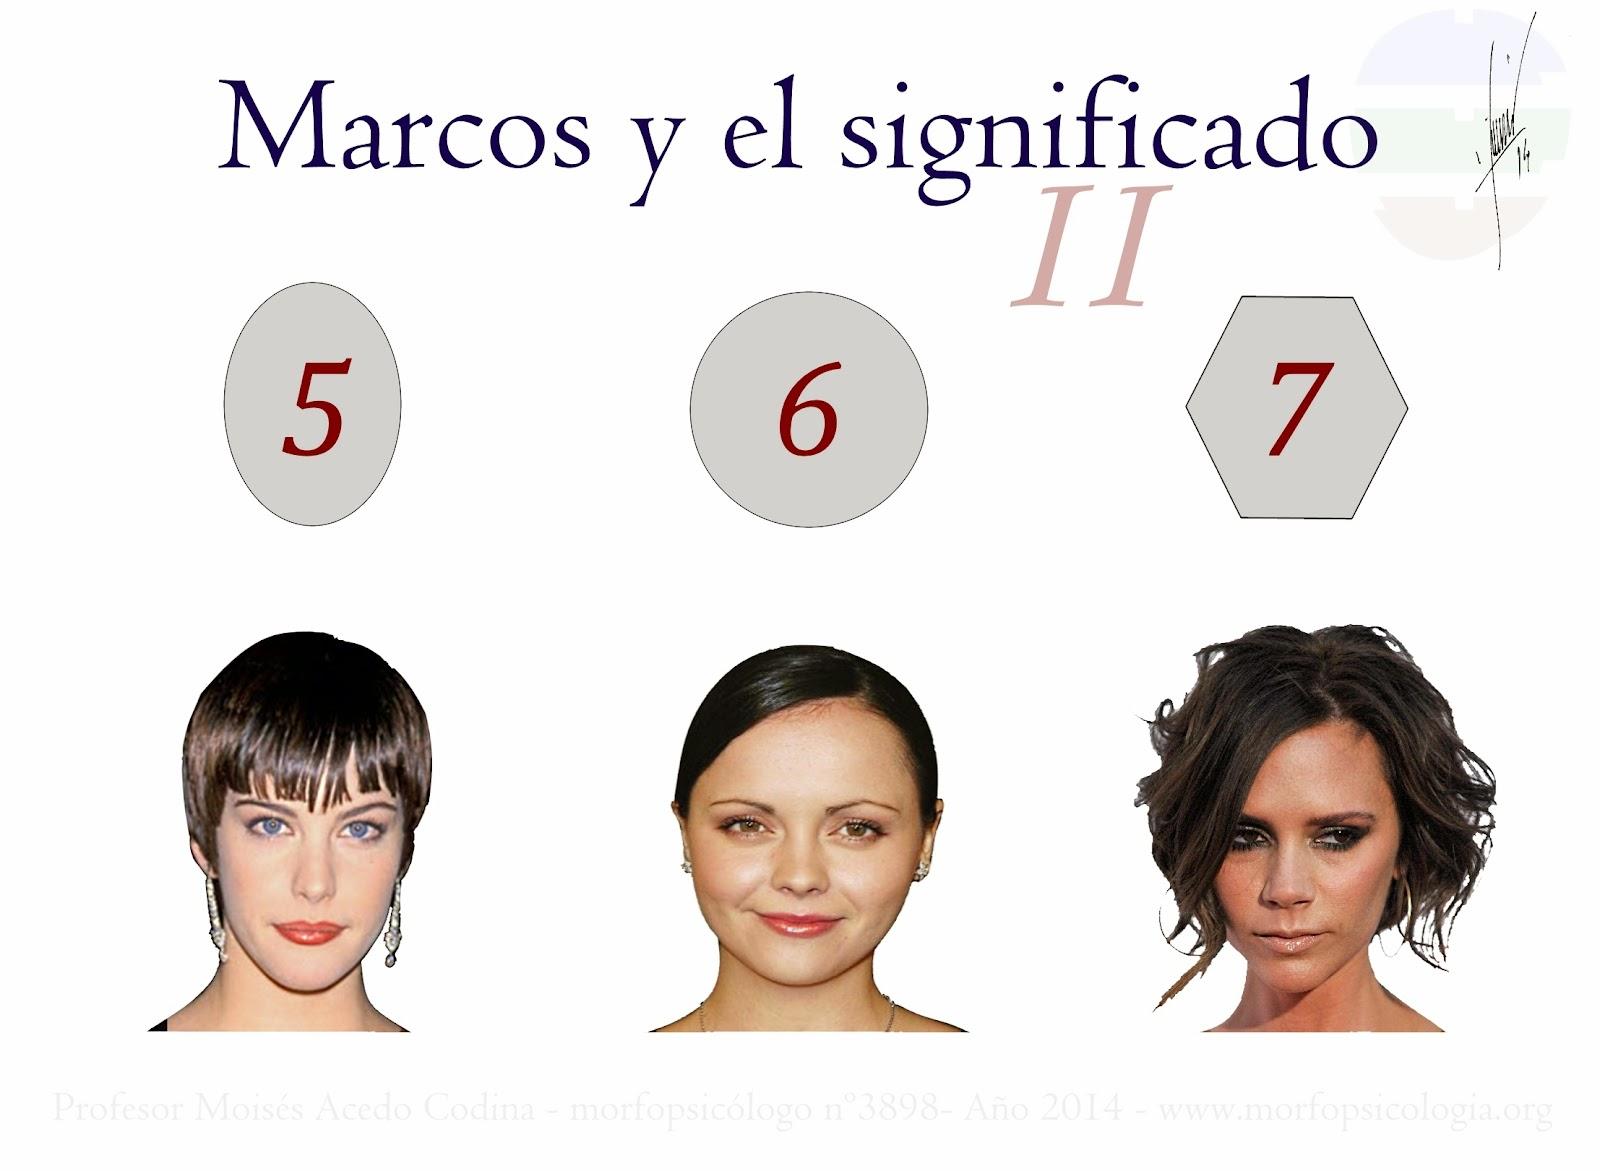 BLOGGER WWW.MORFOPSICOLOGIA.ORG: MARCOS Y EL SIGNIFICADO